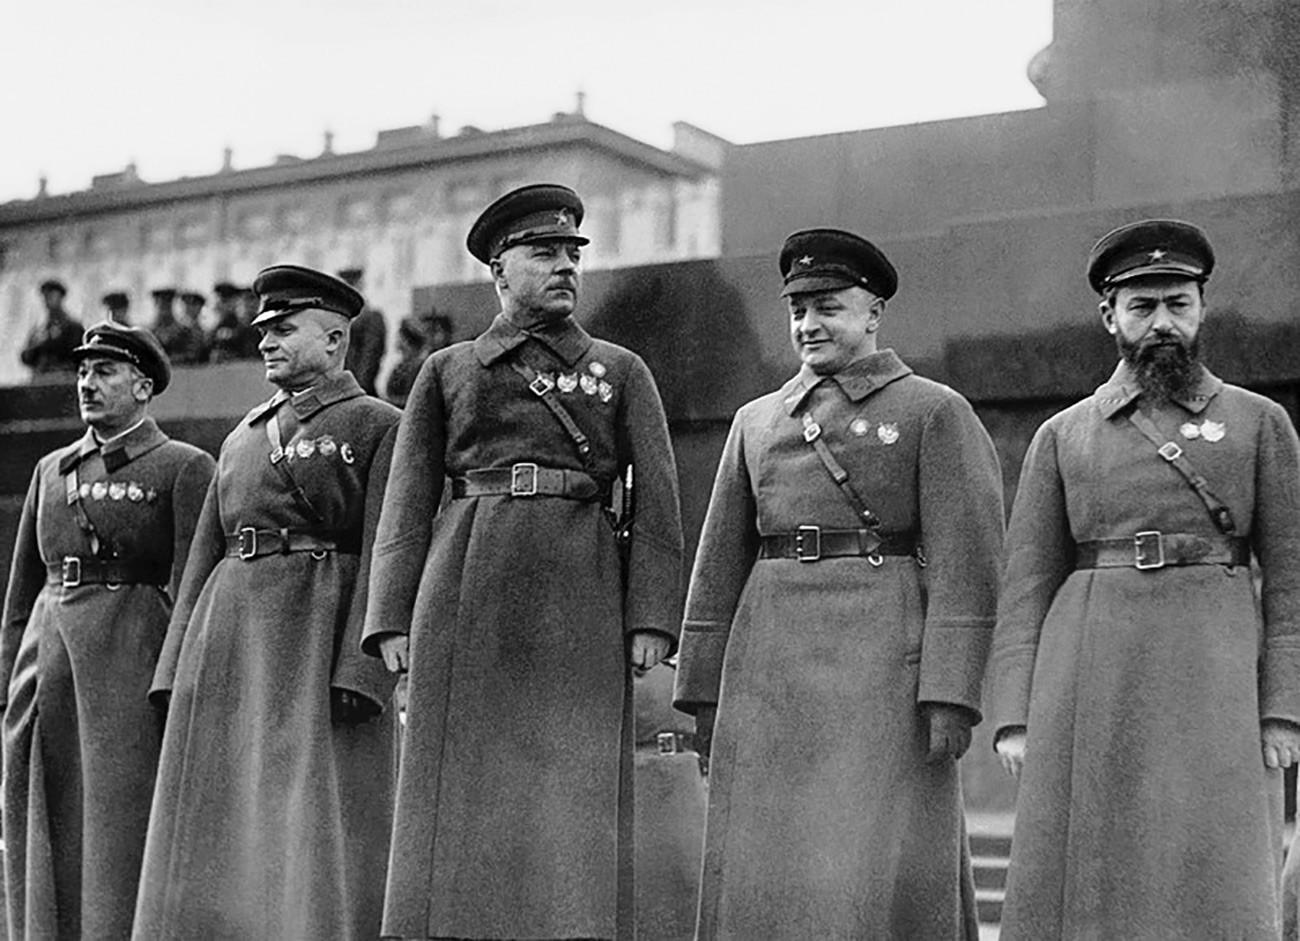 Genrikh Yagoda, Alexander Egorov, Kliment Voroshilov, Mikhail Tukhachevsky, Yan Gamarnik.